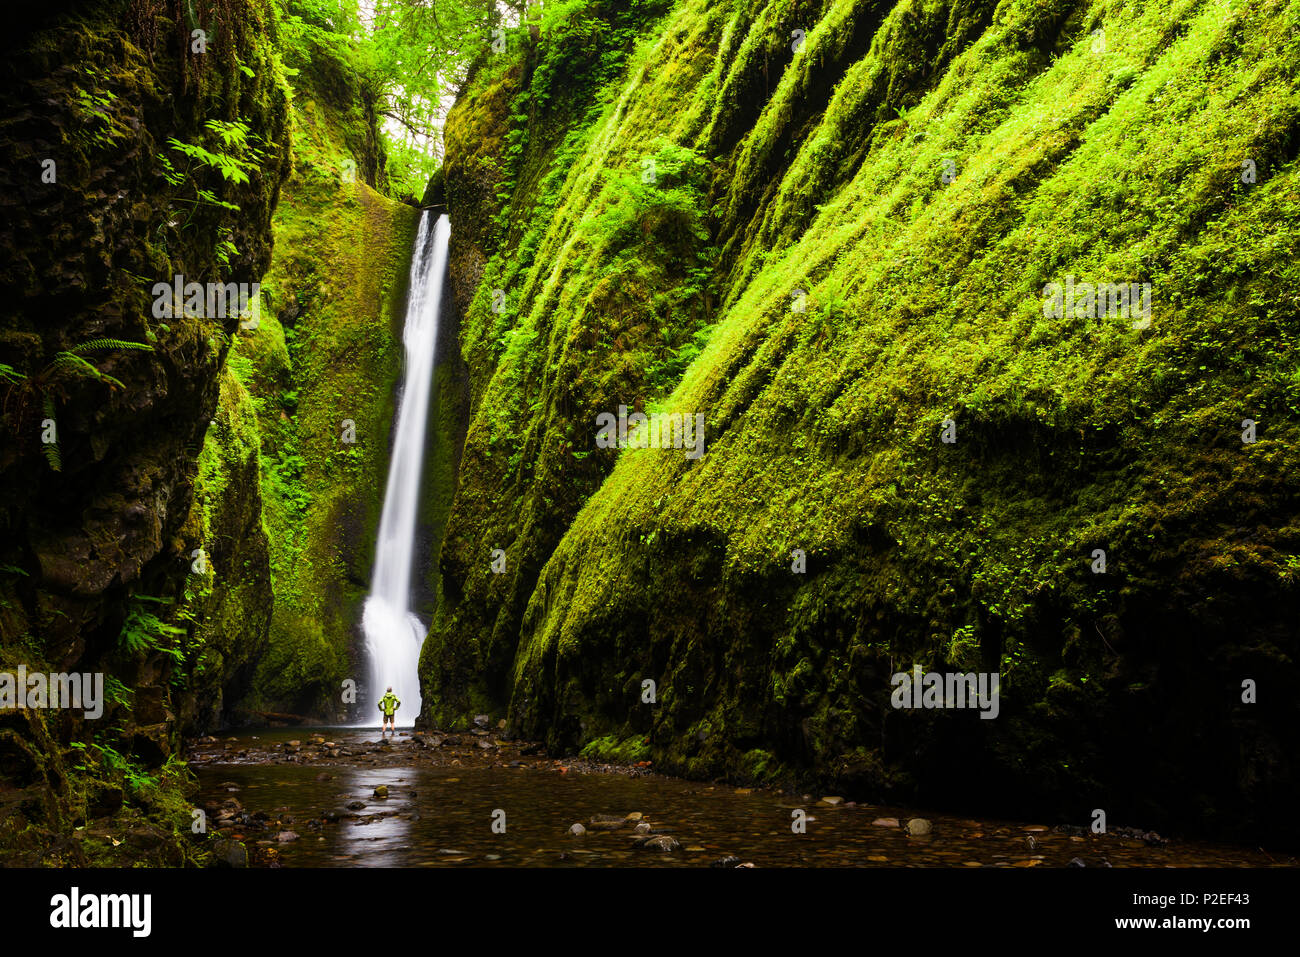 Un randonneur se tient sous Abaisser Oneonta Falls dans la gorge du Columbia dans l'Oregon. C'est l'une des plus spectaculaires randonnées cascade court autour. Photo Stock